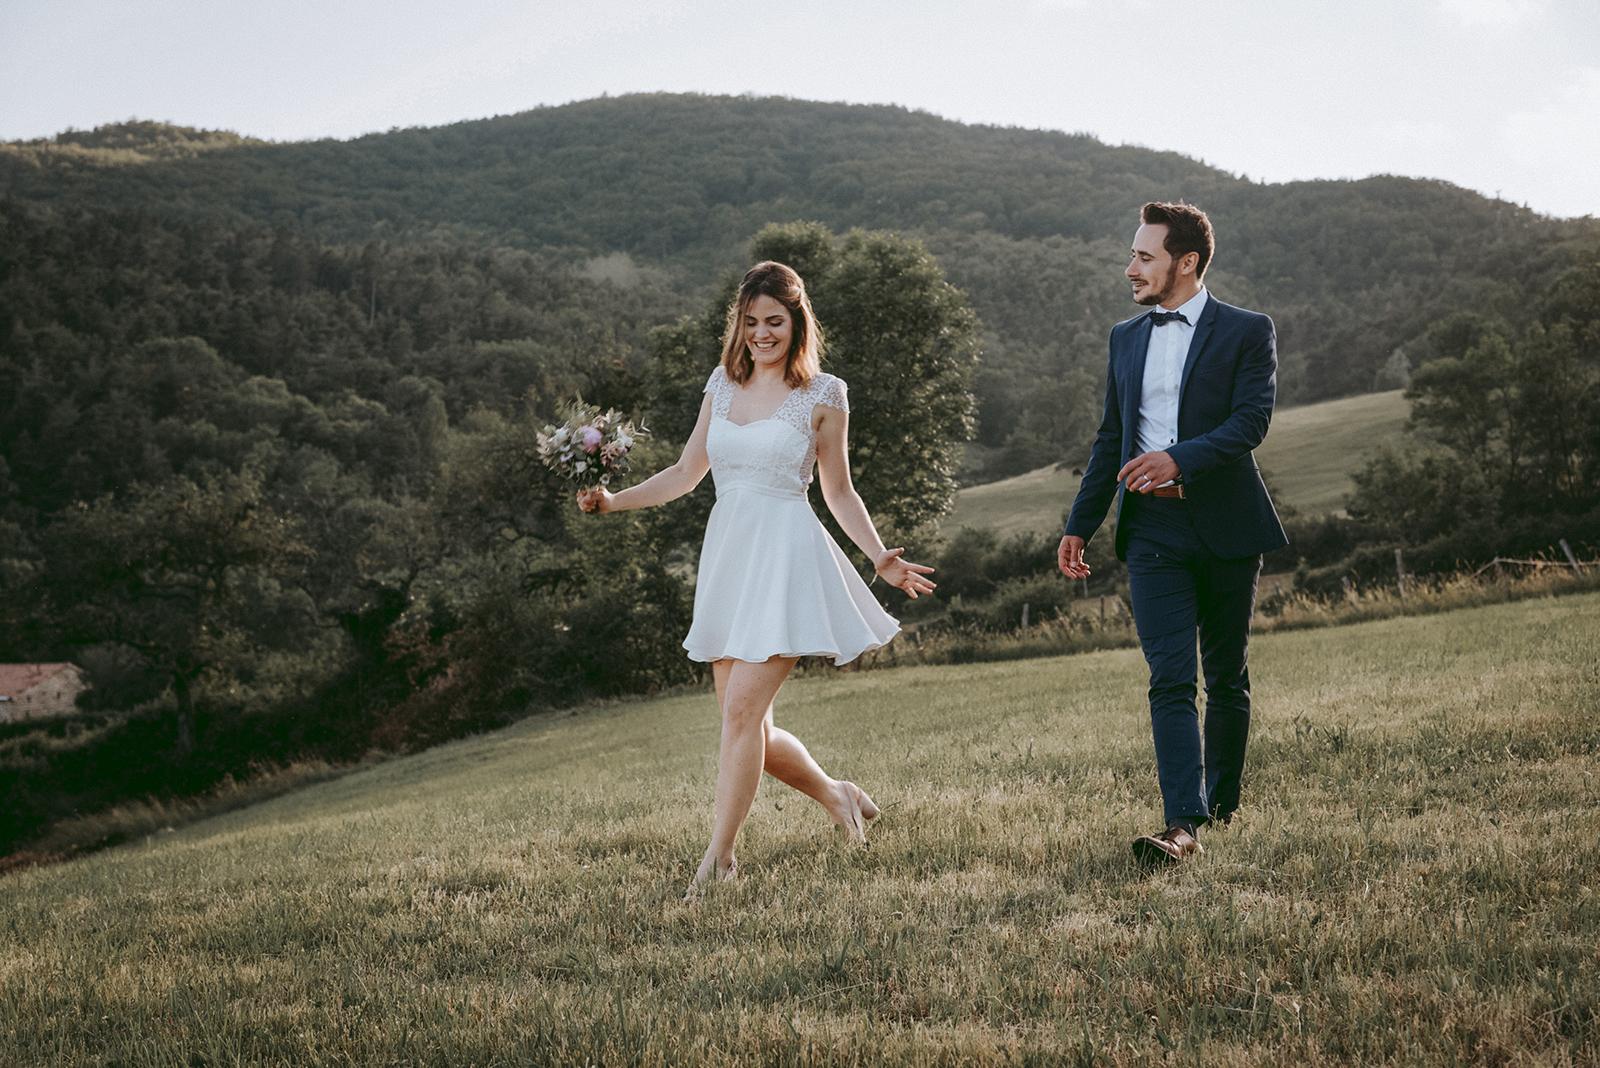 mariés qui marchent dans un champs au coucher du soleil